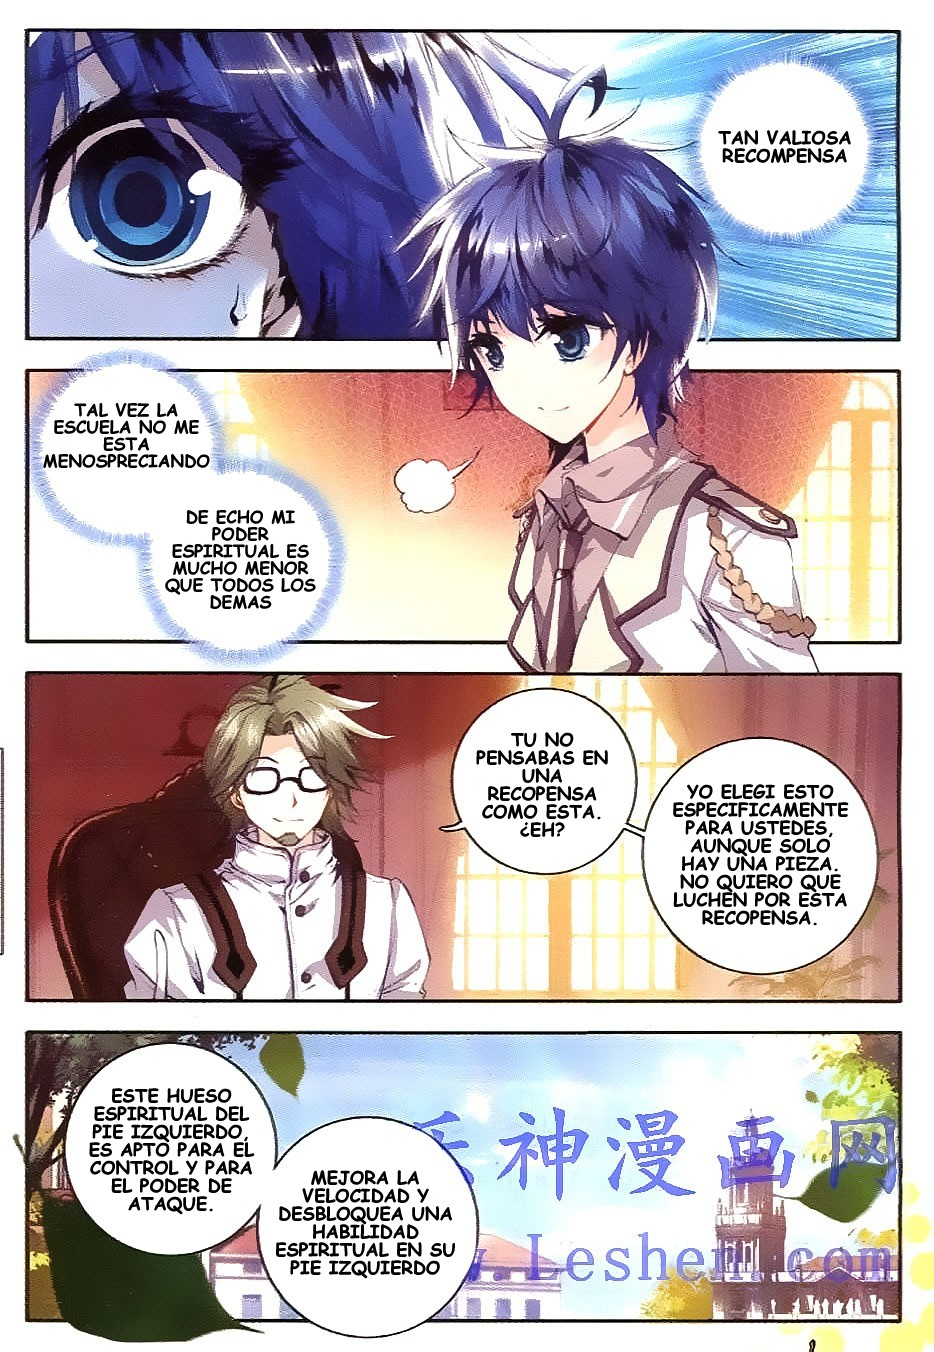 http://c5.ninemanga.com/es_manga/33/16417/422686/02bcce140a5a811fe91b7980a6192f4a.jpg Page 9